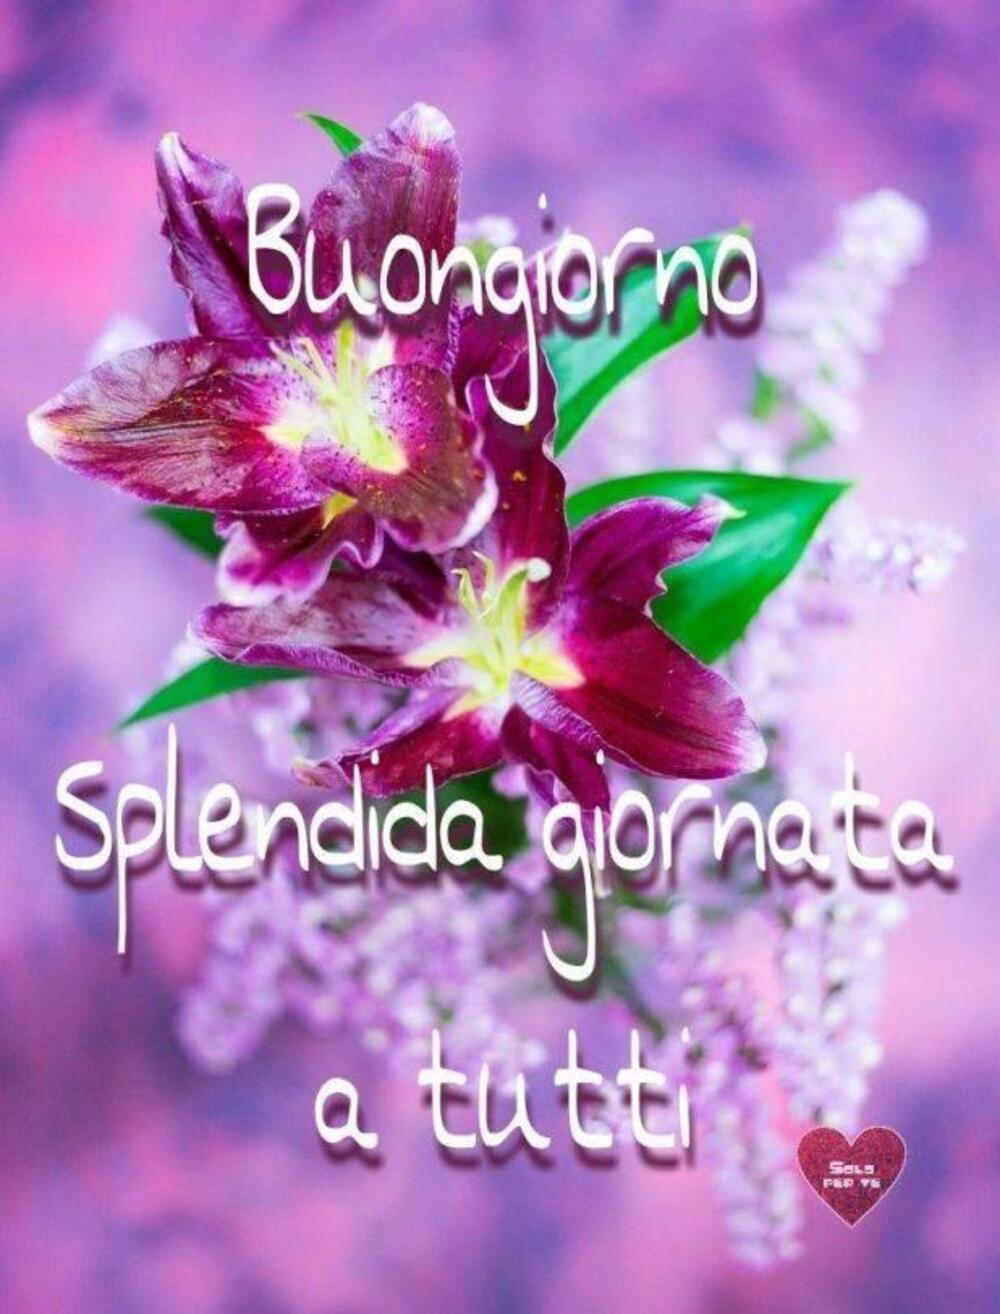 Buongiorno splendida giornata a tutti